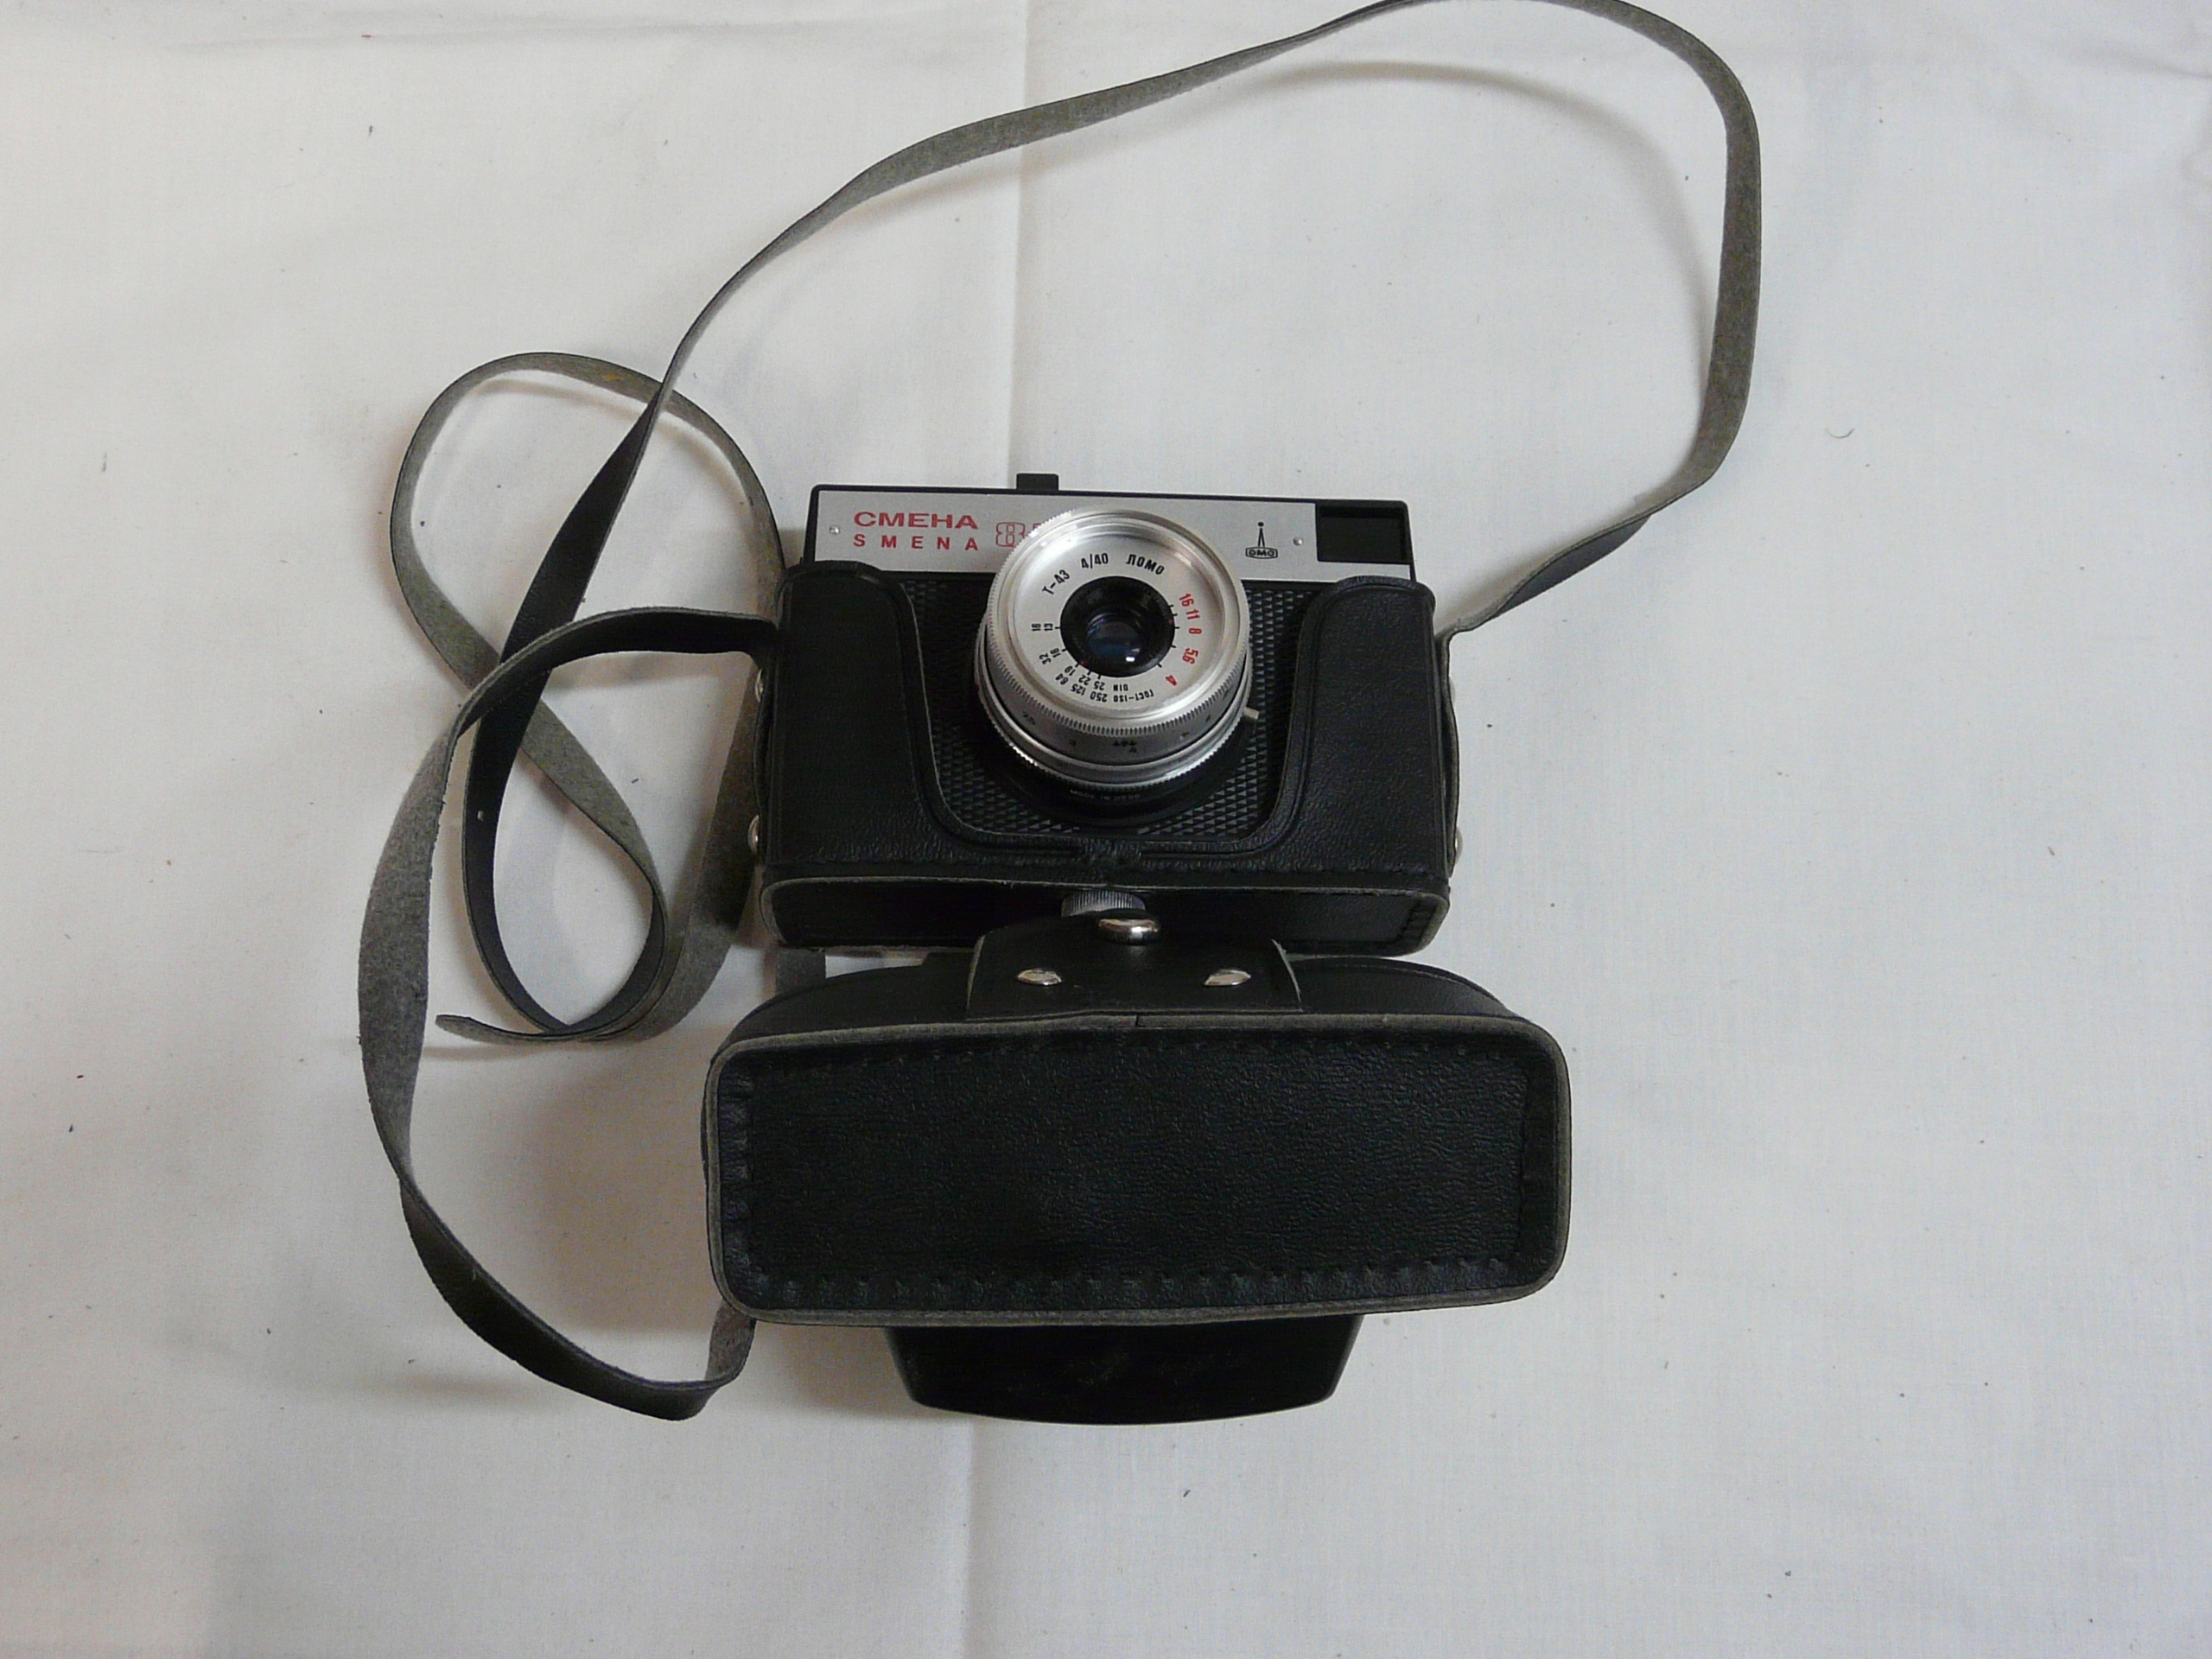 Smiena 8 M aparat fotograficzny nowy w kartonie